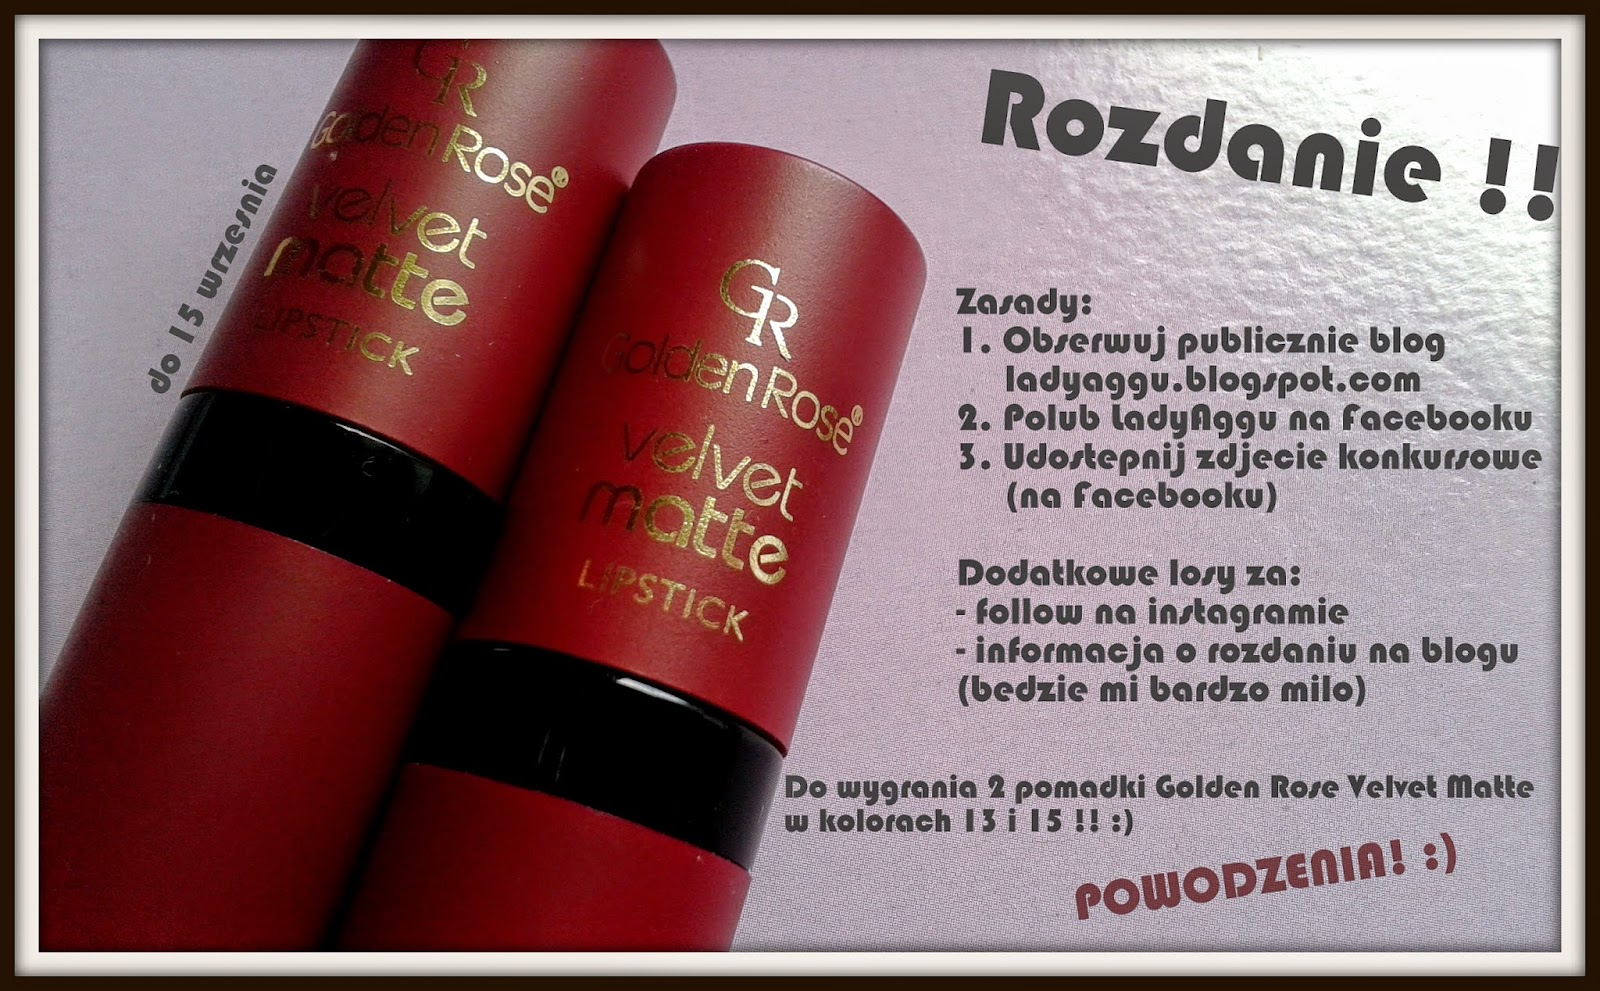 http://ladyaggu.blogspot.com/2014/08/rozdanie-golden-rose-velvet-matte-15-09.html